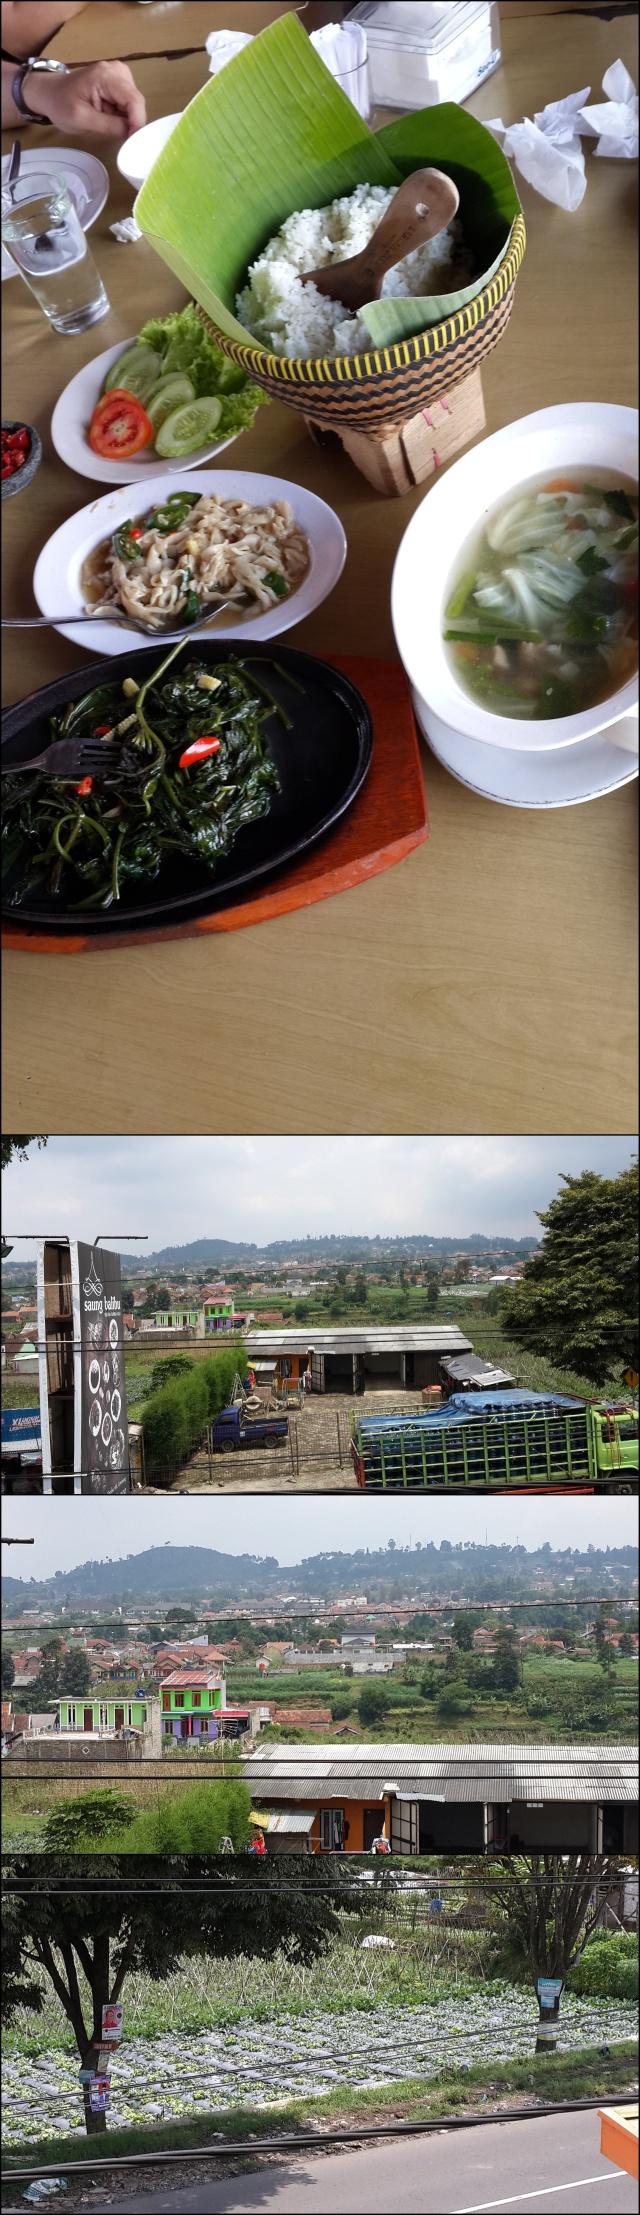 scenery of bandung_keikoxoxo